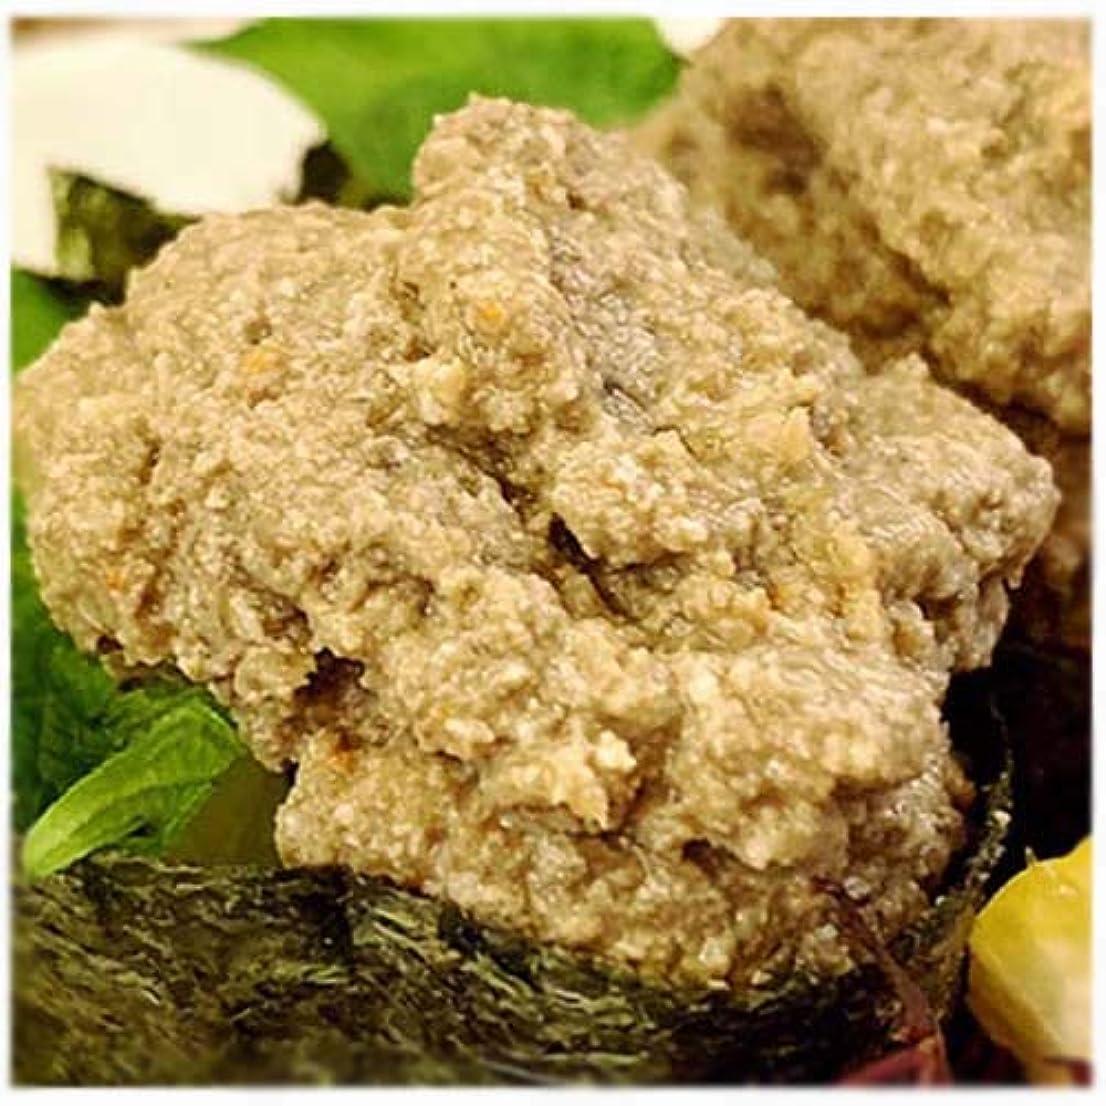 マディソン雪のバングラデシュ紅ズワイガニ カニみそ 300g カニ 蟹 かに 蟹味噌 かに味噌 お取り寄せ